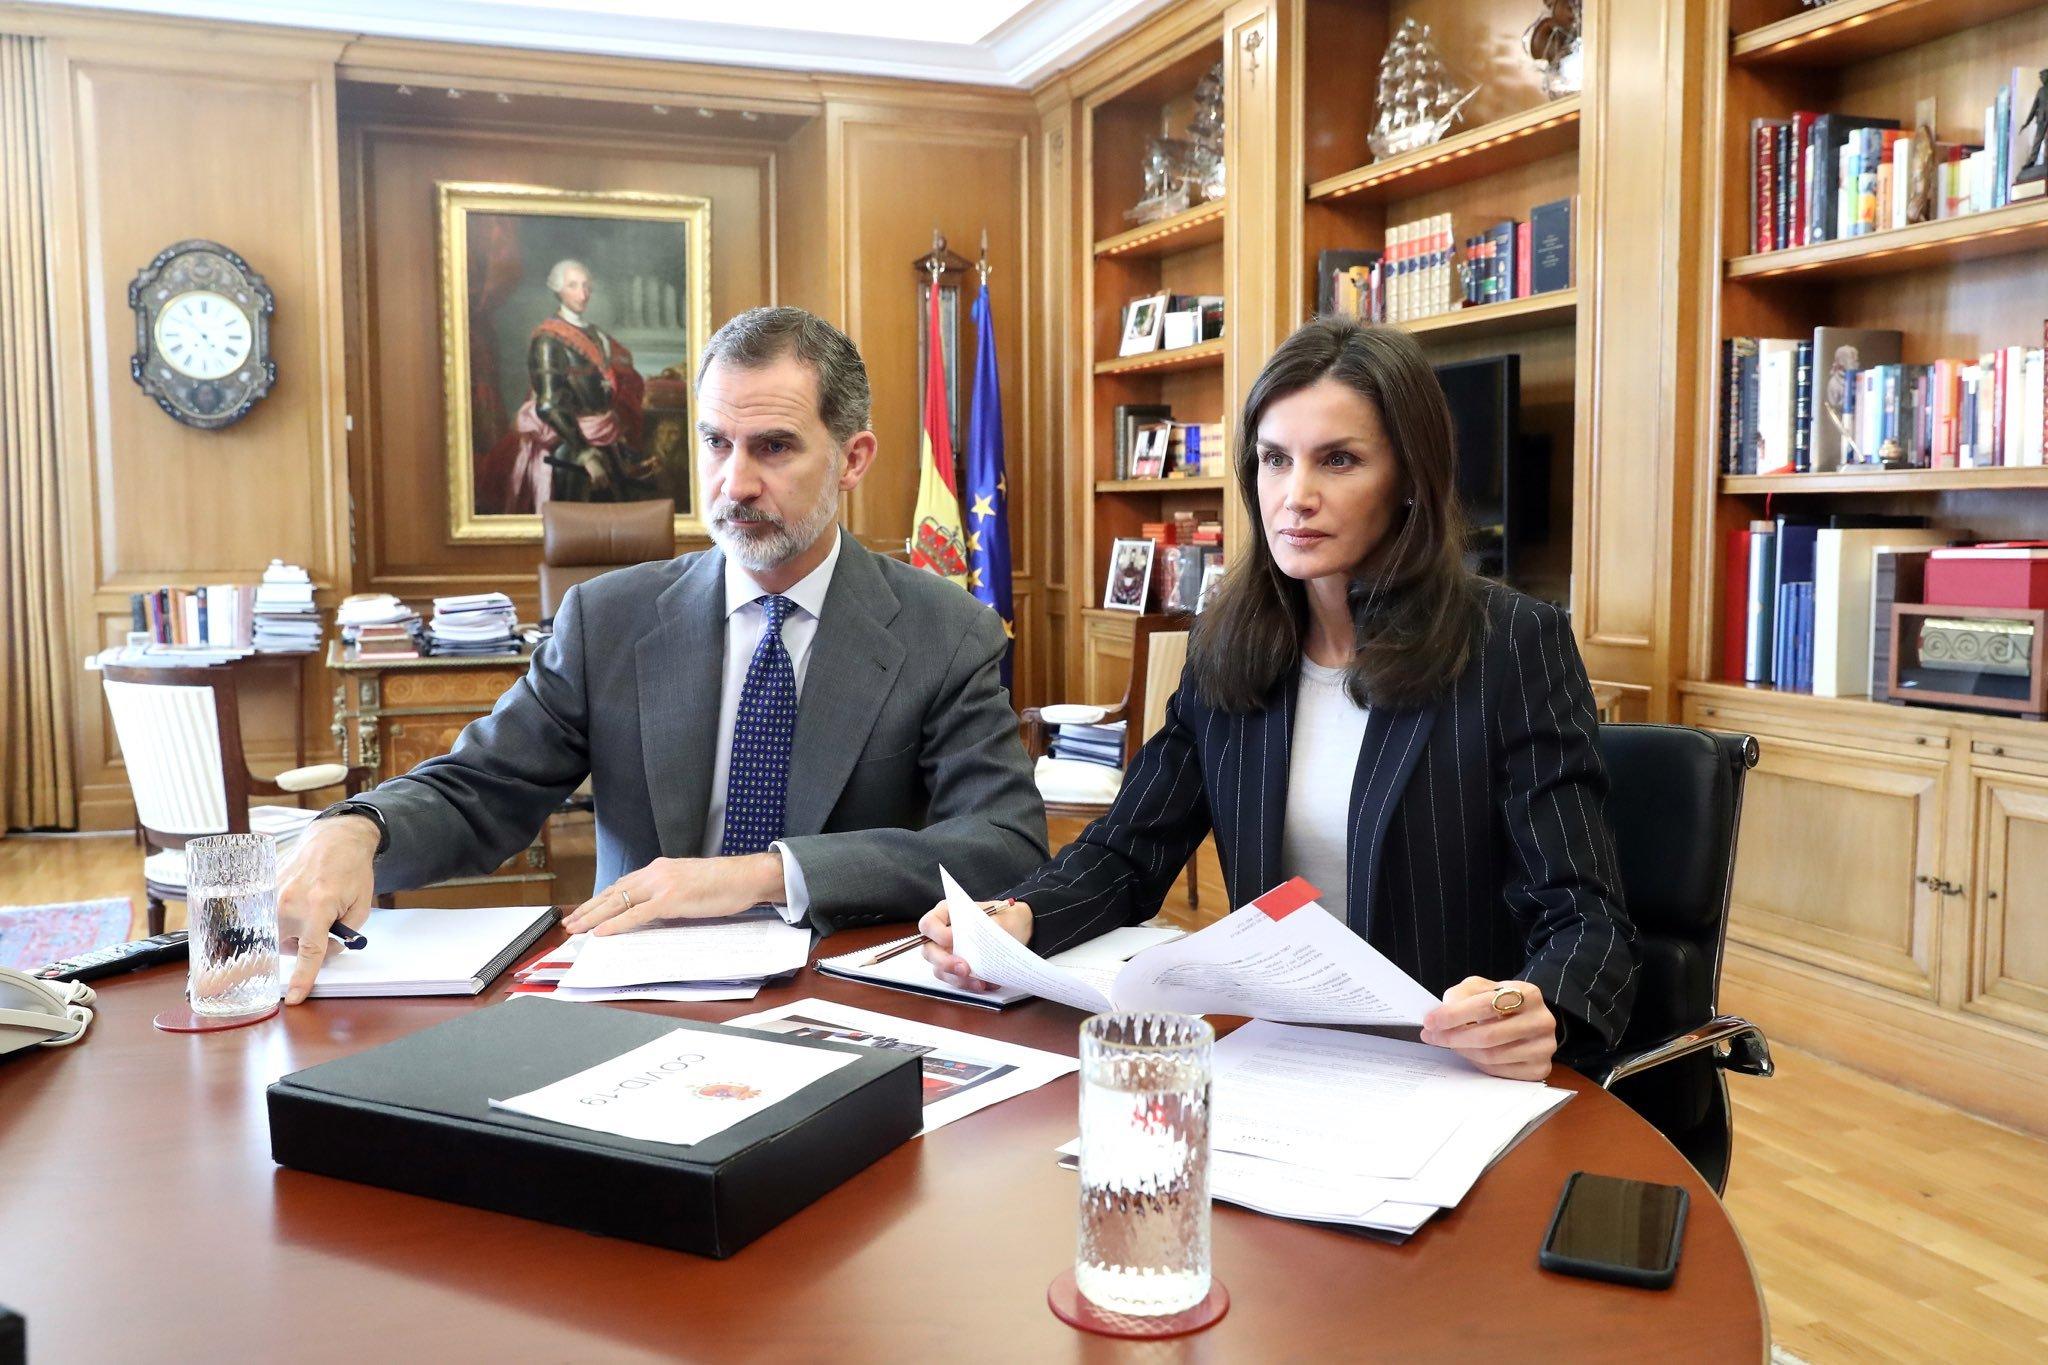 Los reyes de España en videoconferencia con el presidente de Caritas, Manuel Bretón.